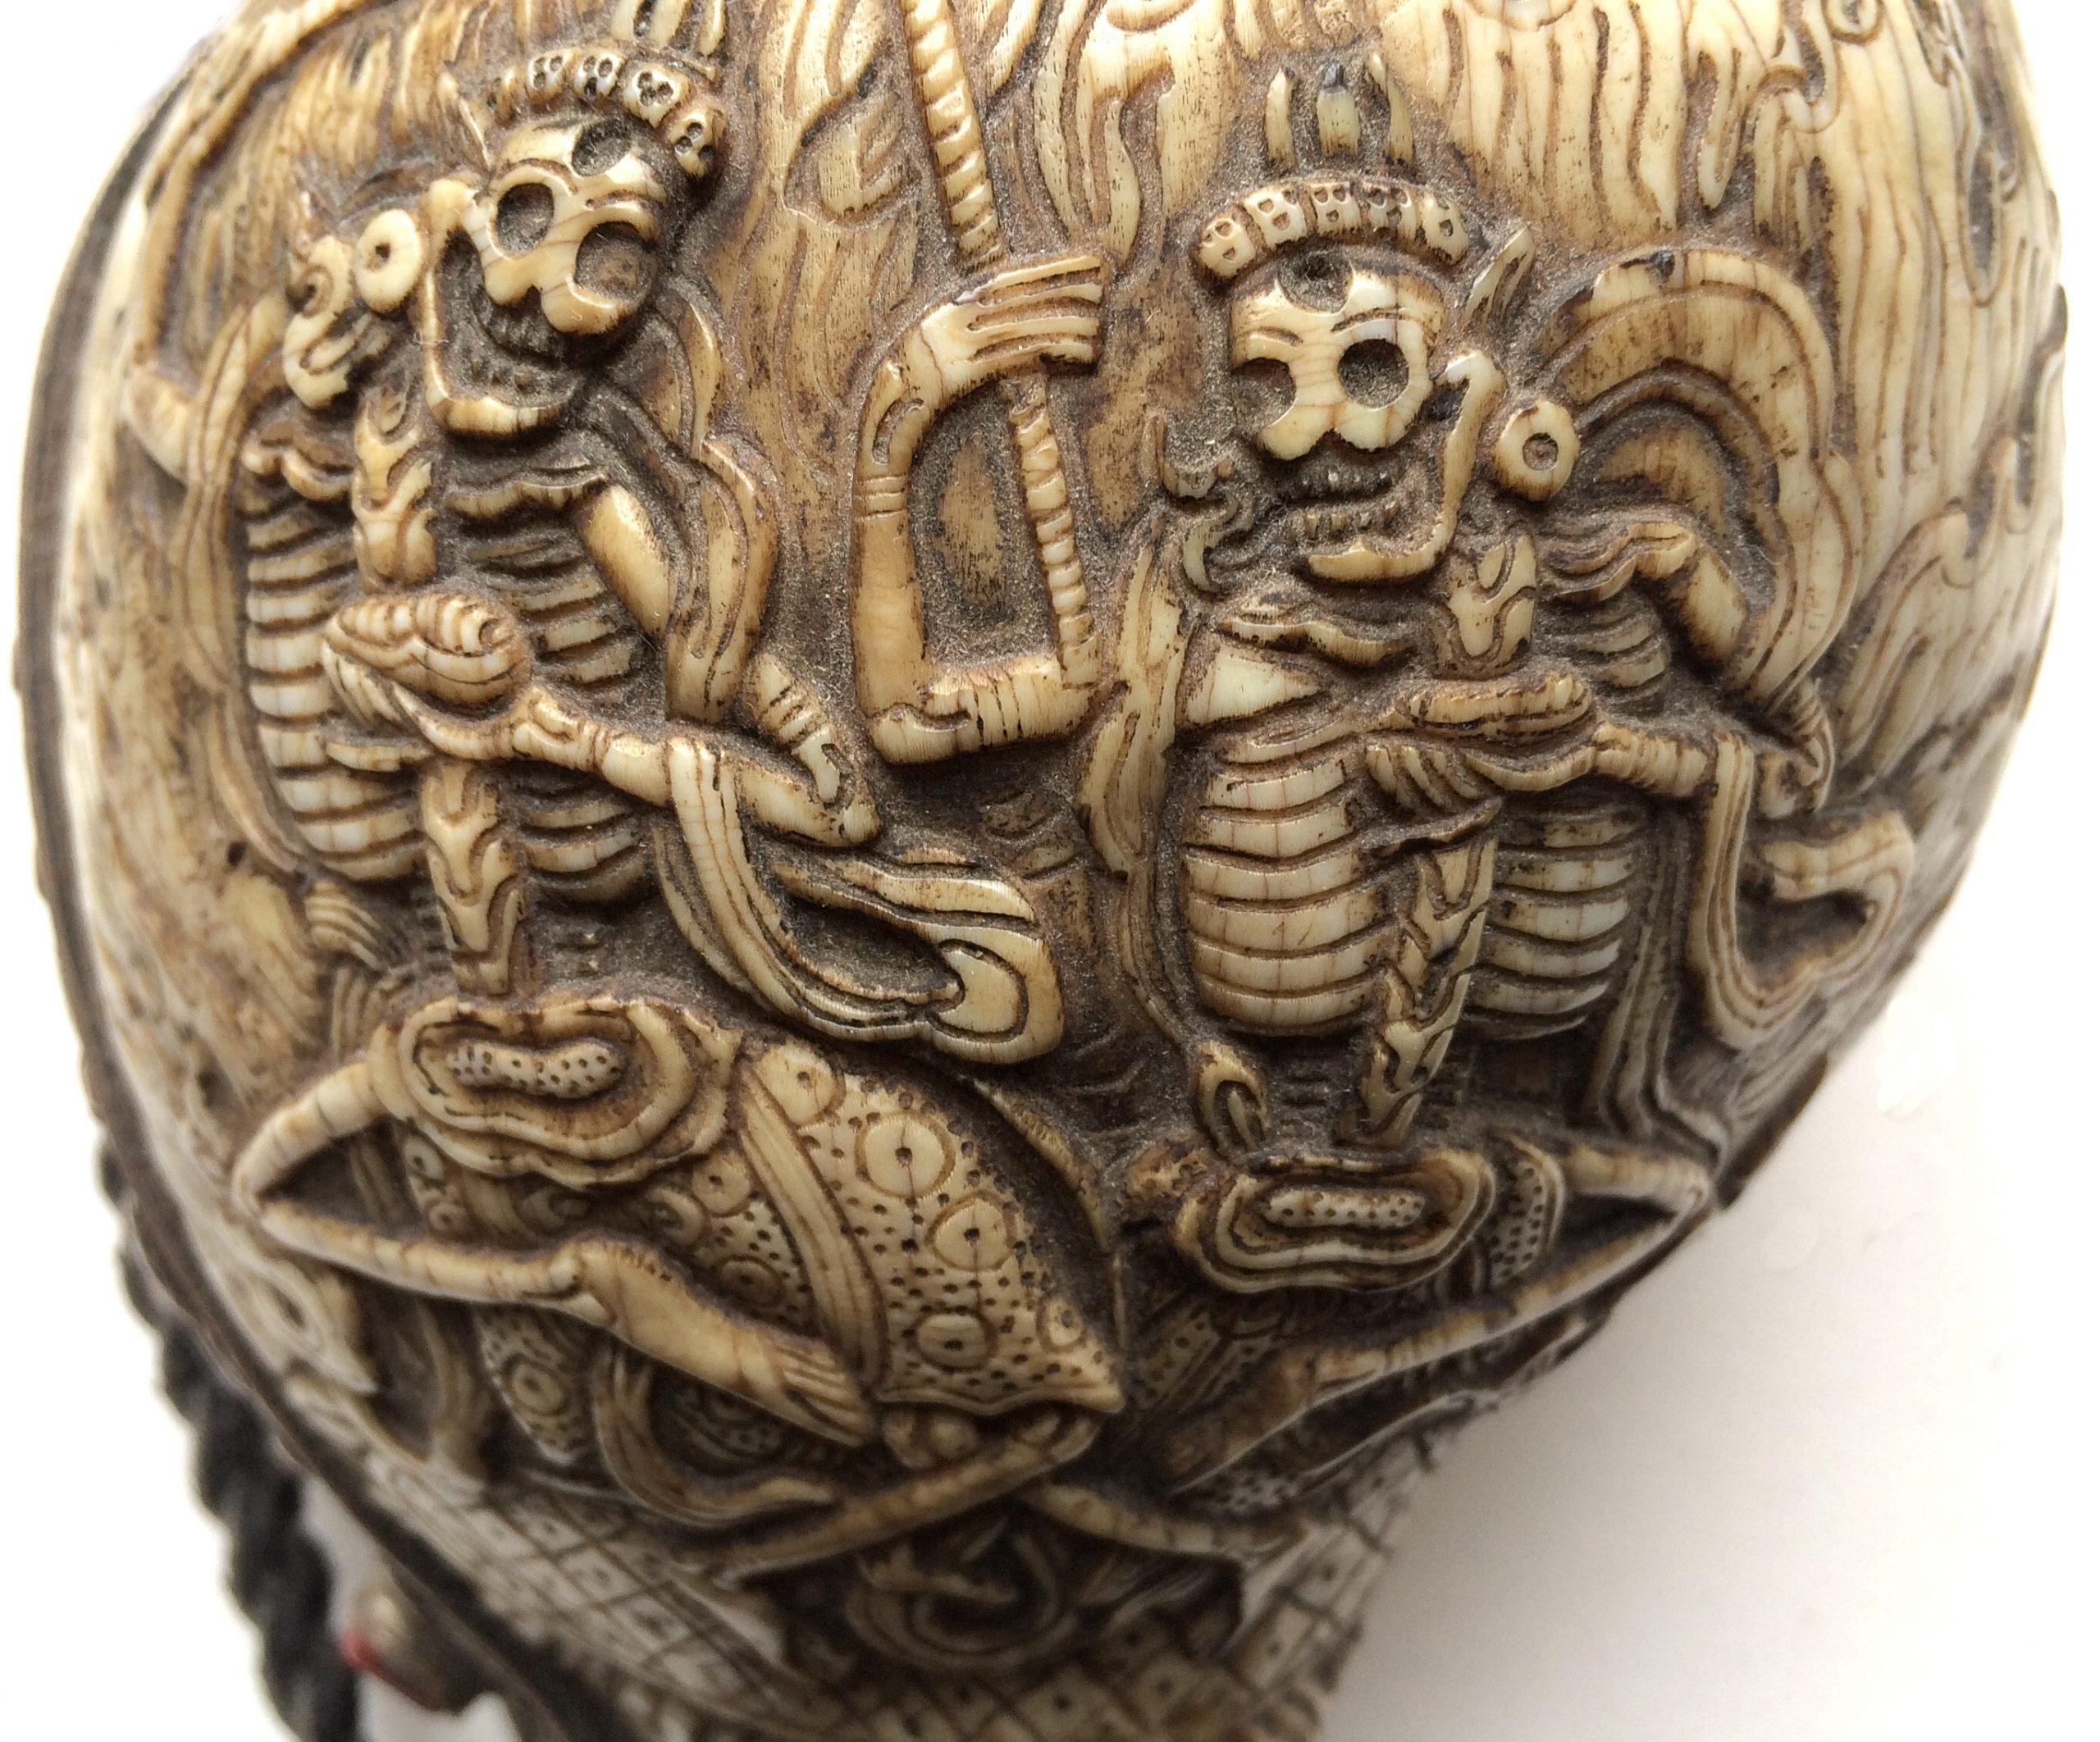 Detail of the dung-Dkar, Tibetan temple conch-shell trumpet